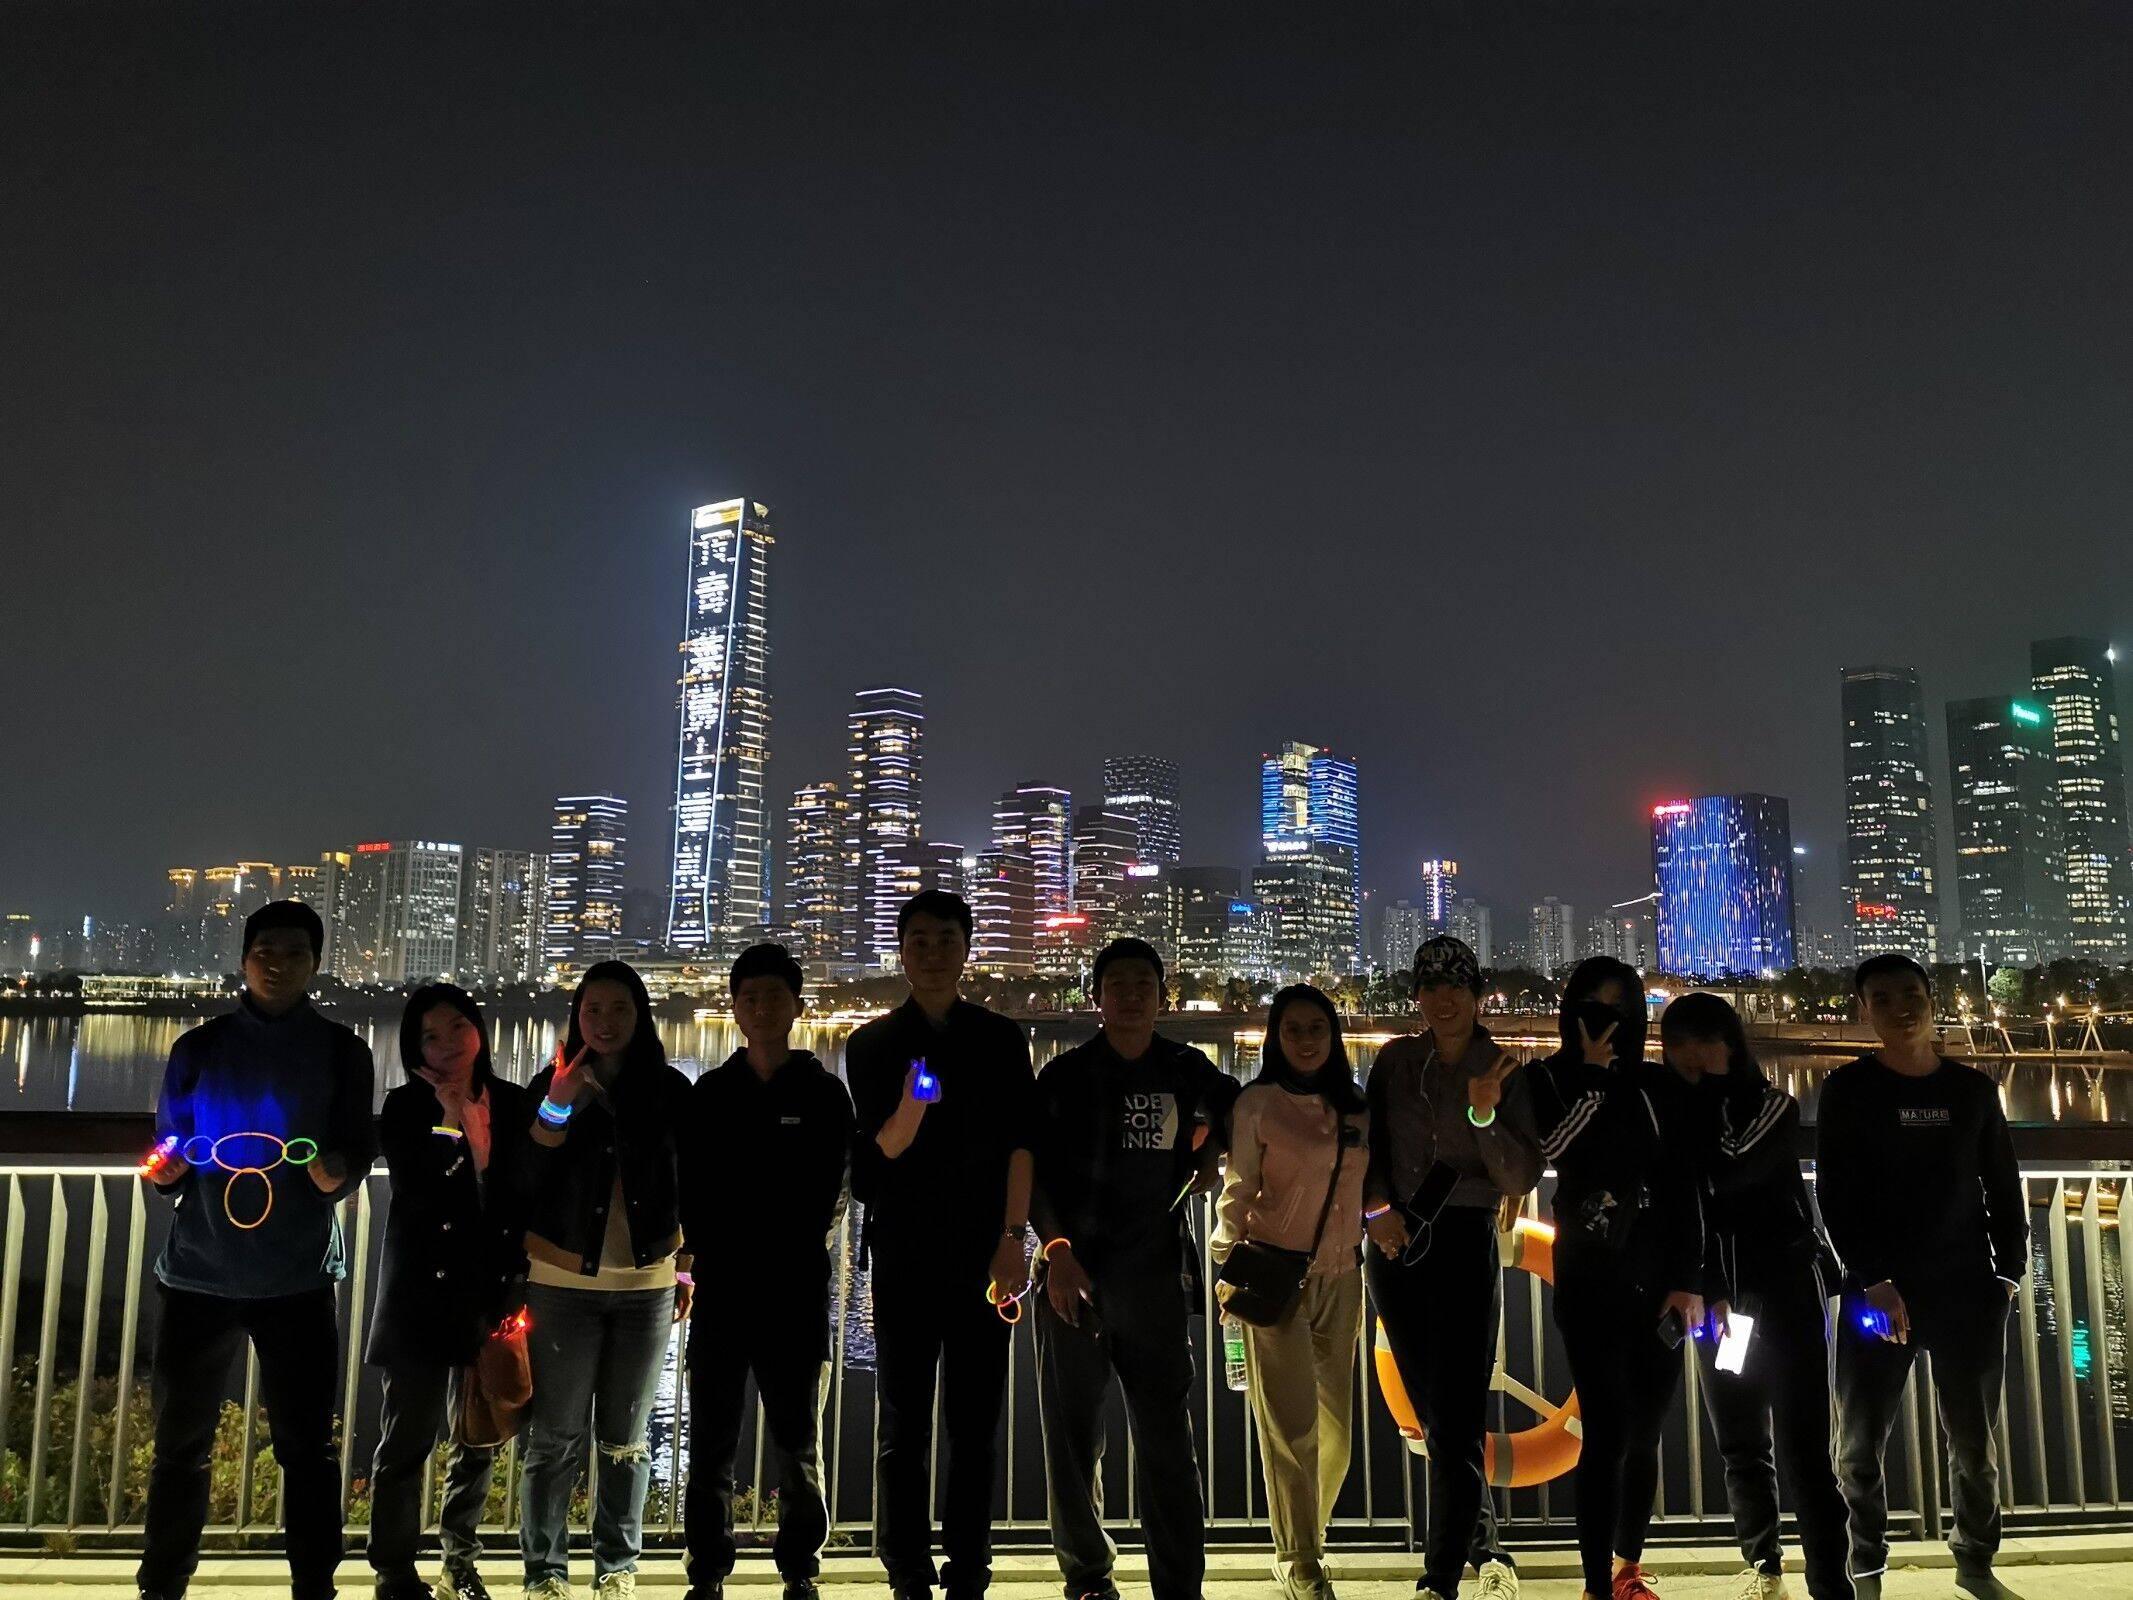 55户外-2019.12.18 深圳湾夜徒